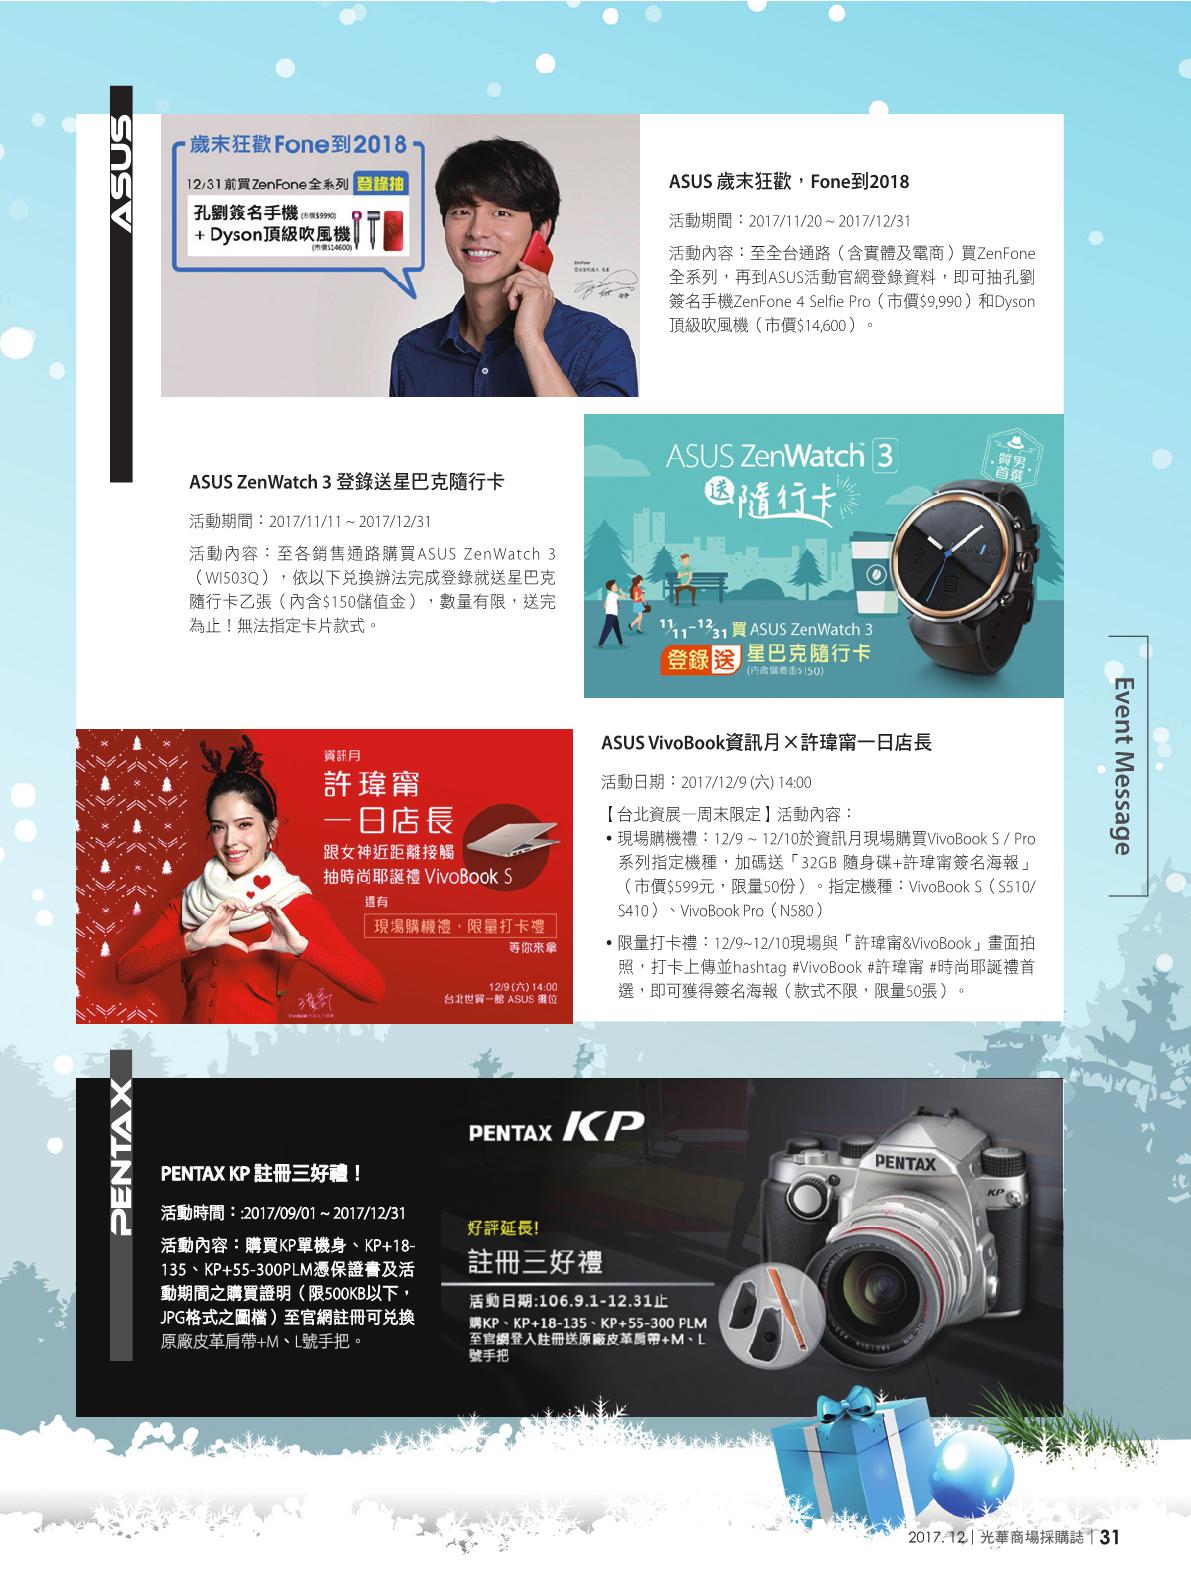 光華商場採購誌2017年12月號33.png